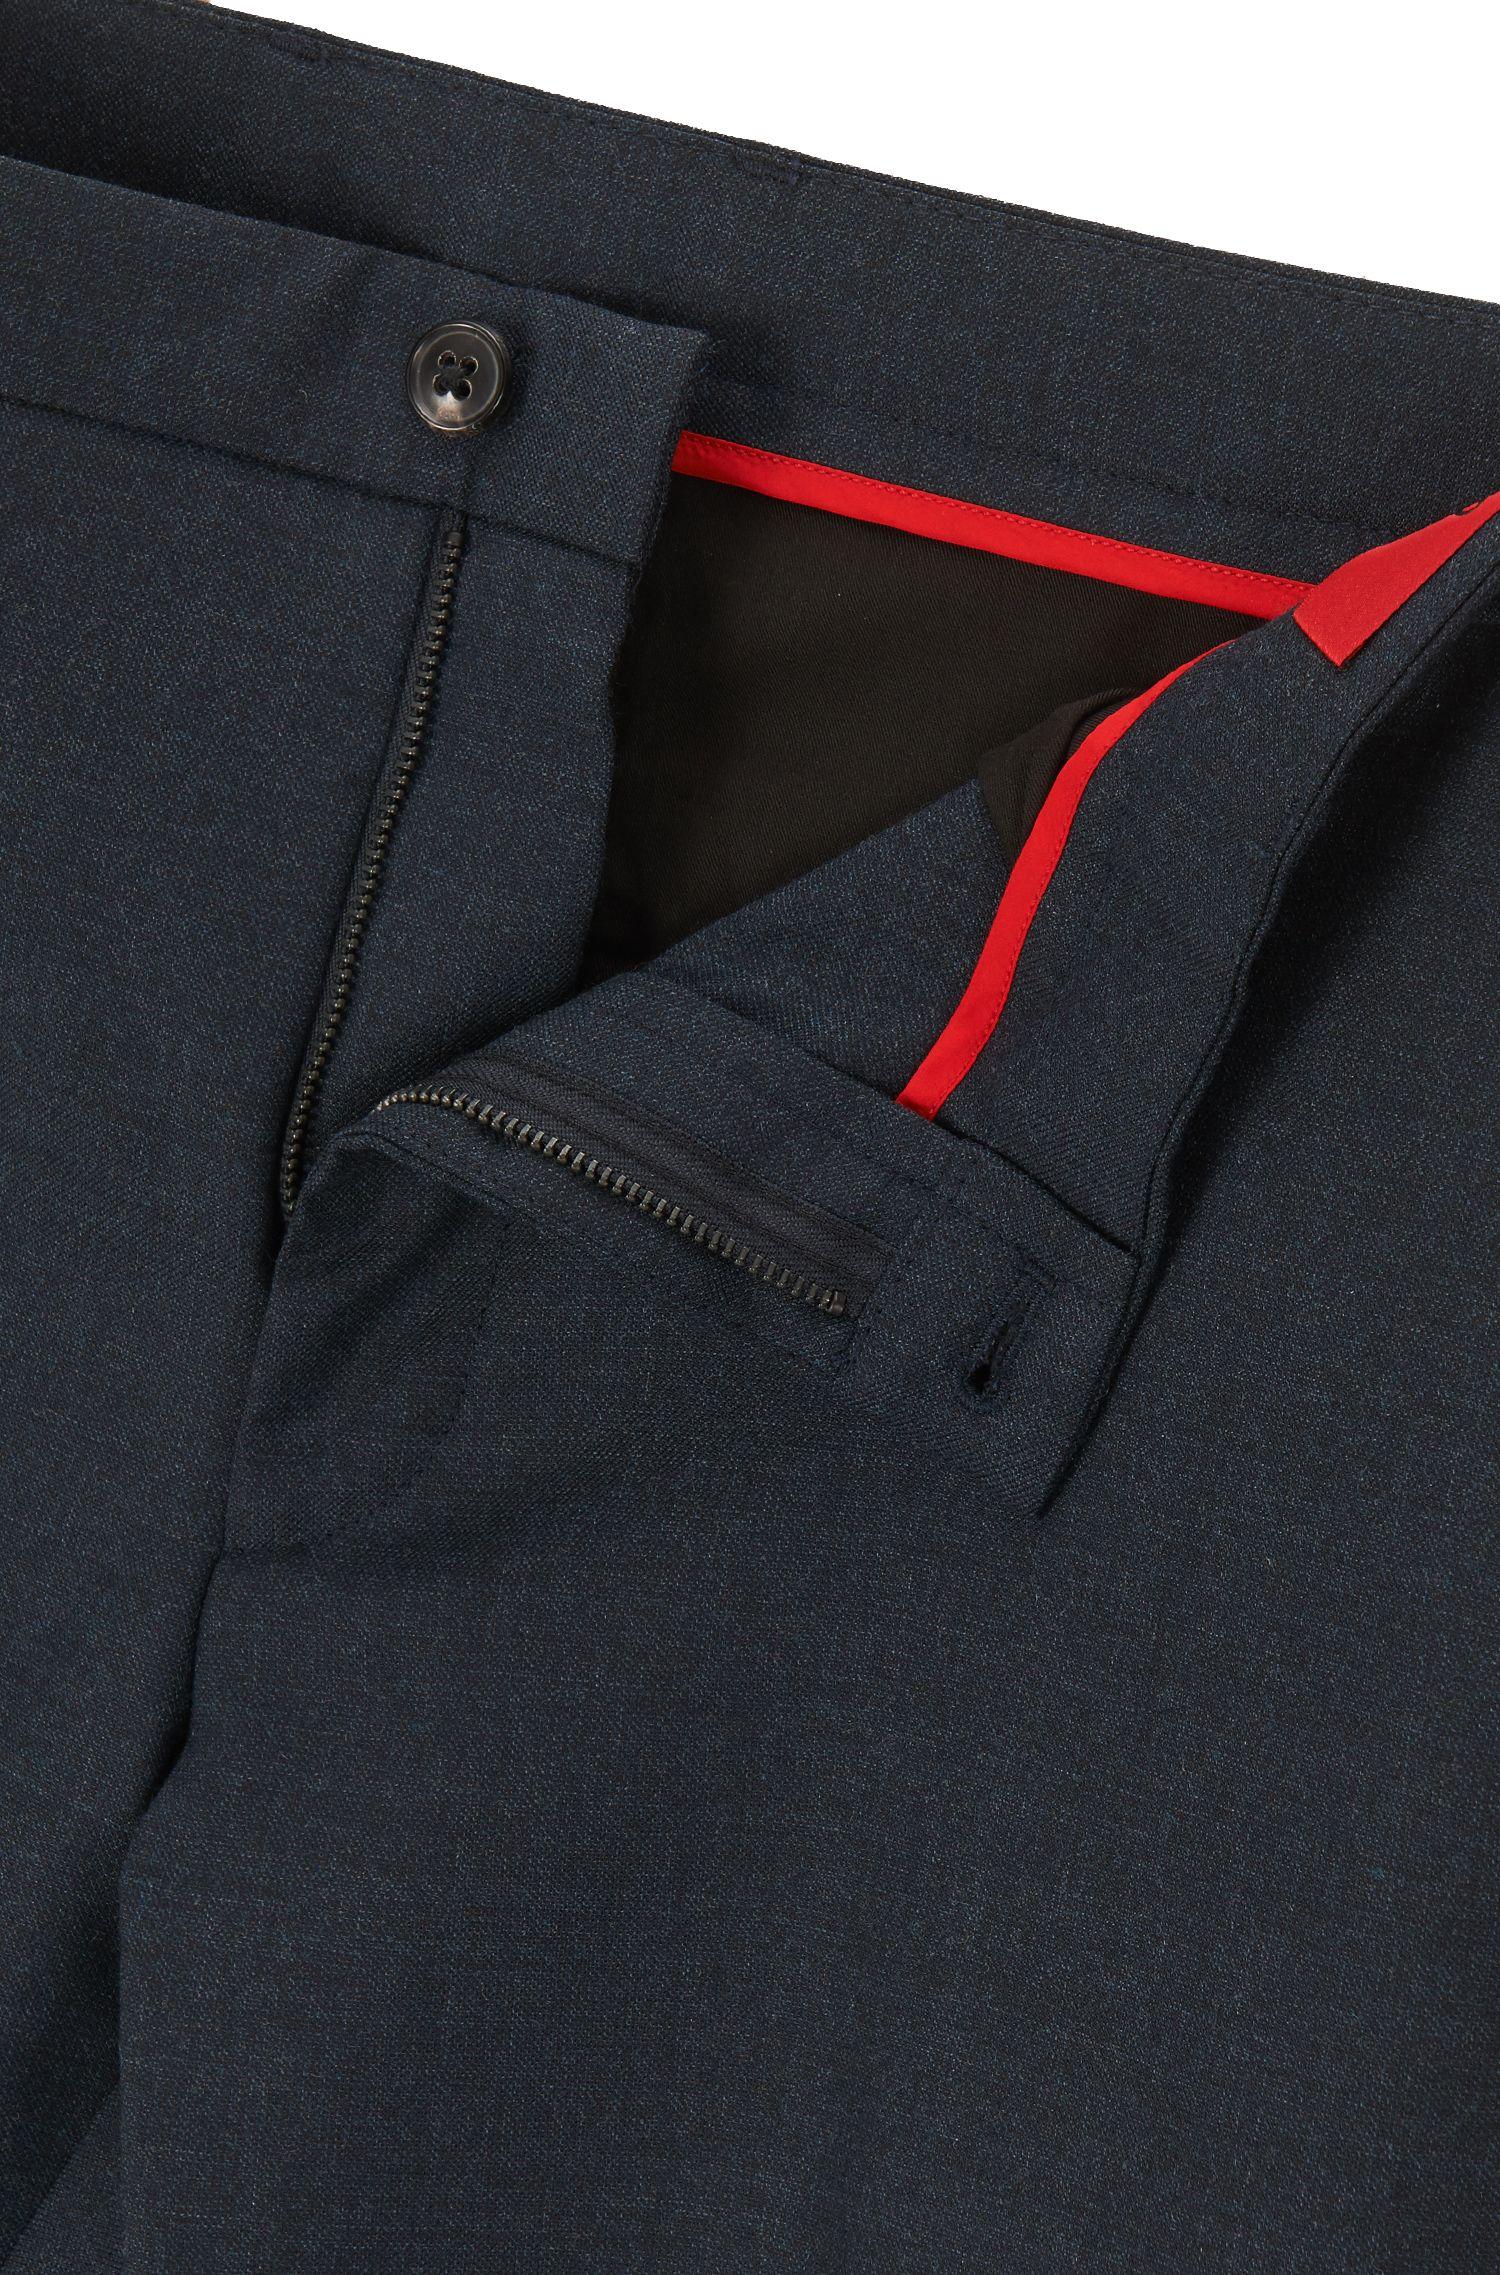 Stretch Virgin Wool Pants, Extra Slim Fit | Heldor, Dark Blue